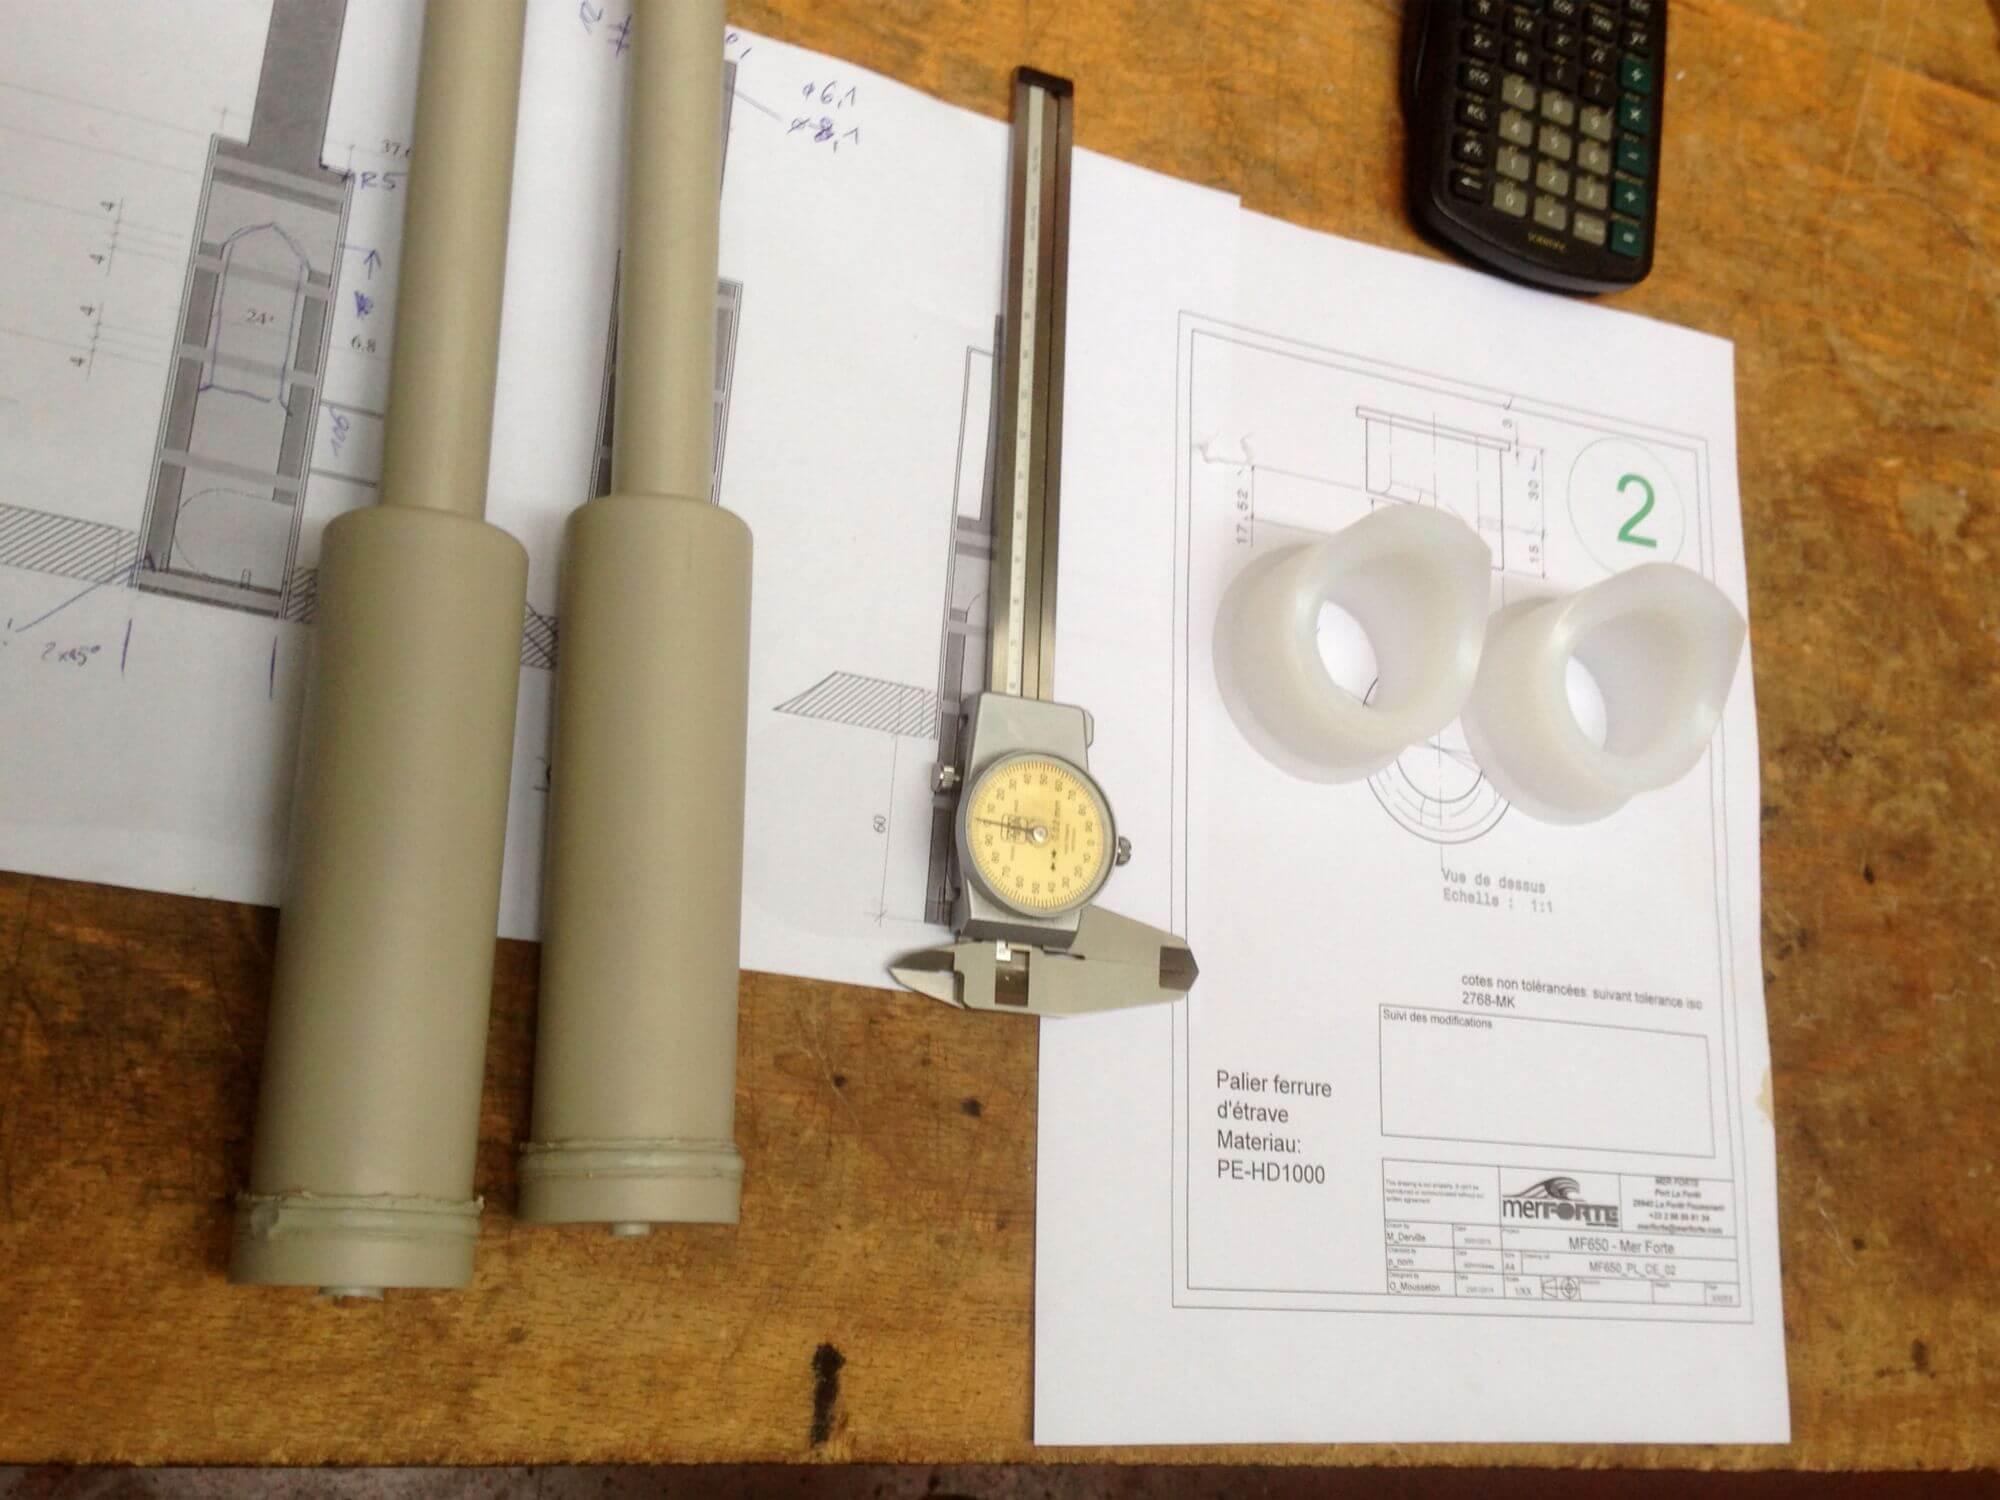 Roesti Sailing Team Alantiküberquerung Acryline Kunststoffteile für Segelboot